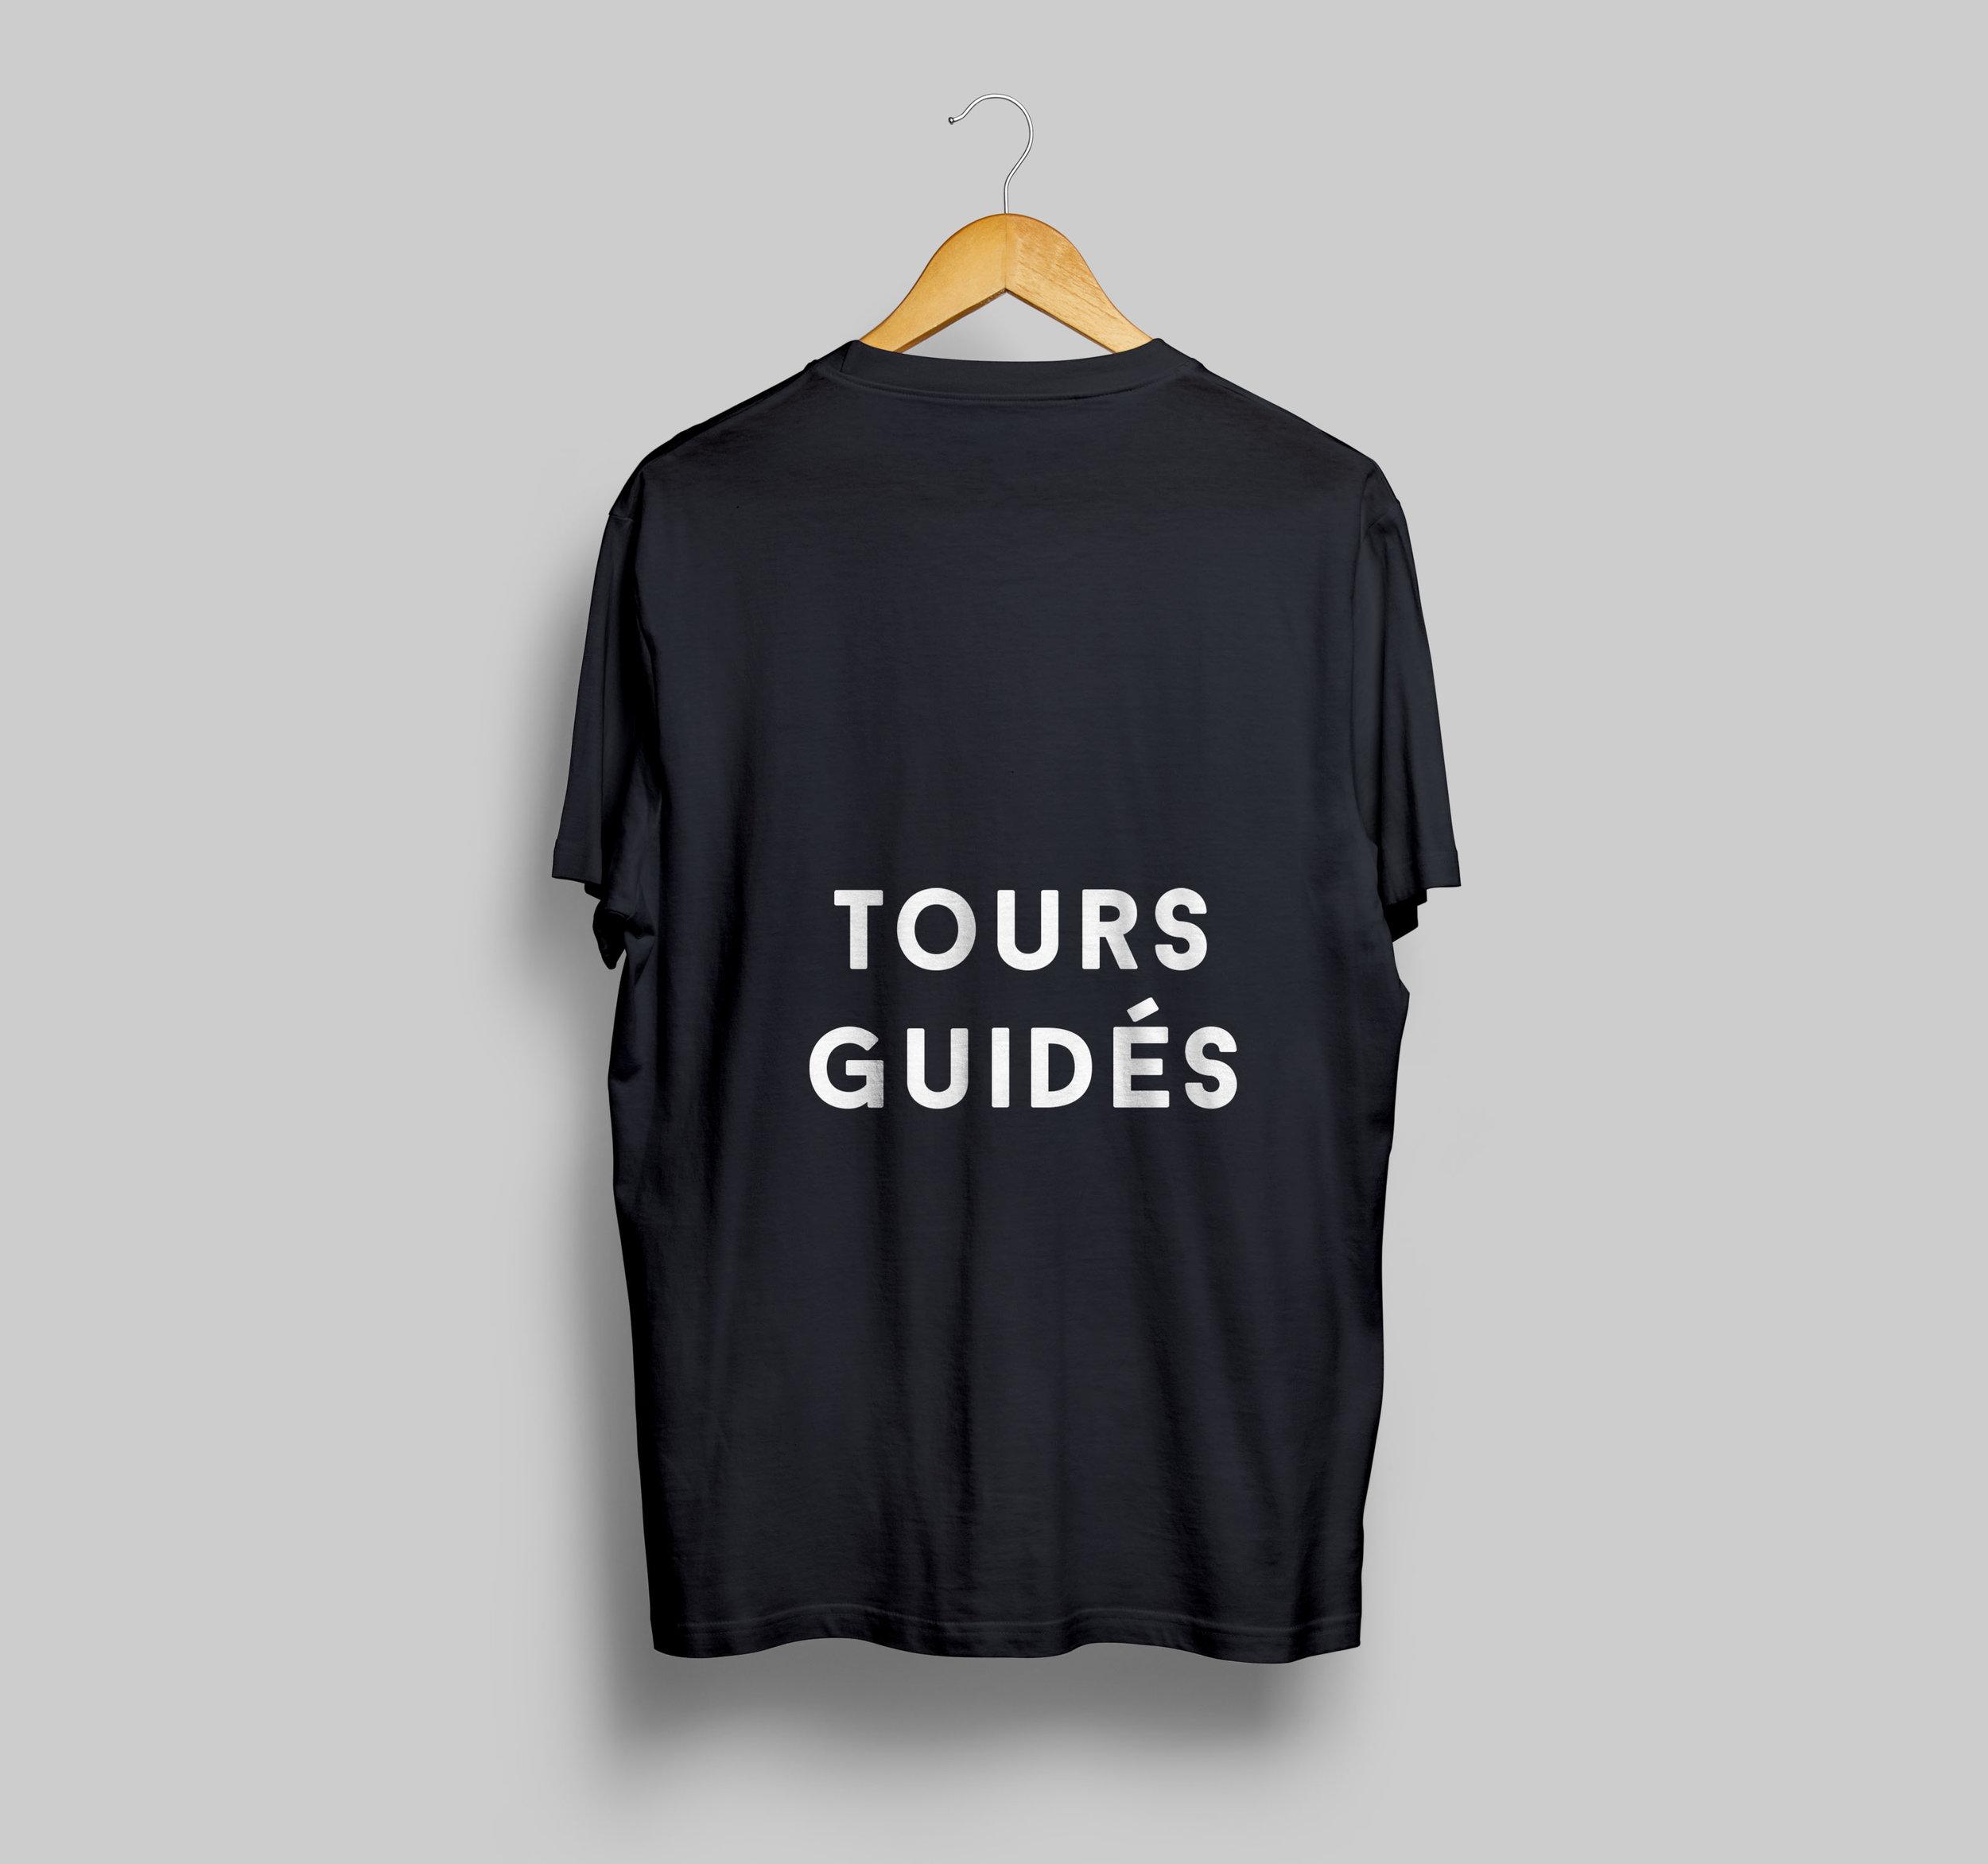 tourguideback.jpg